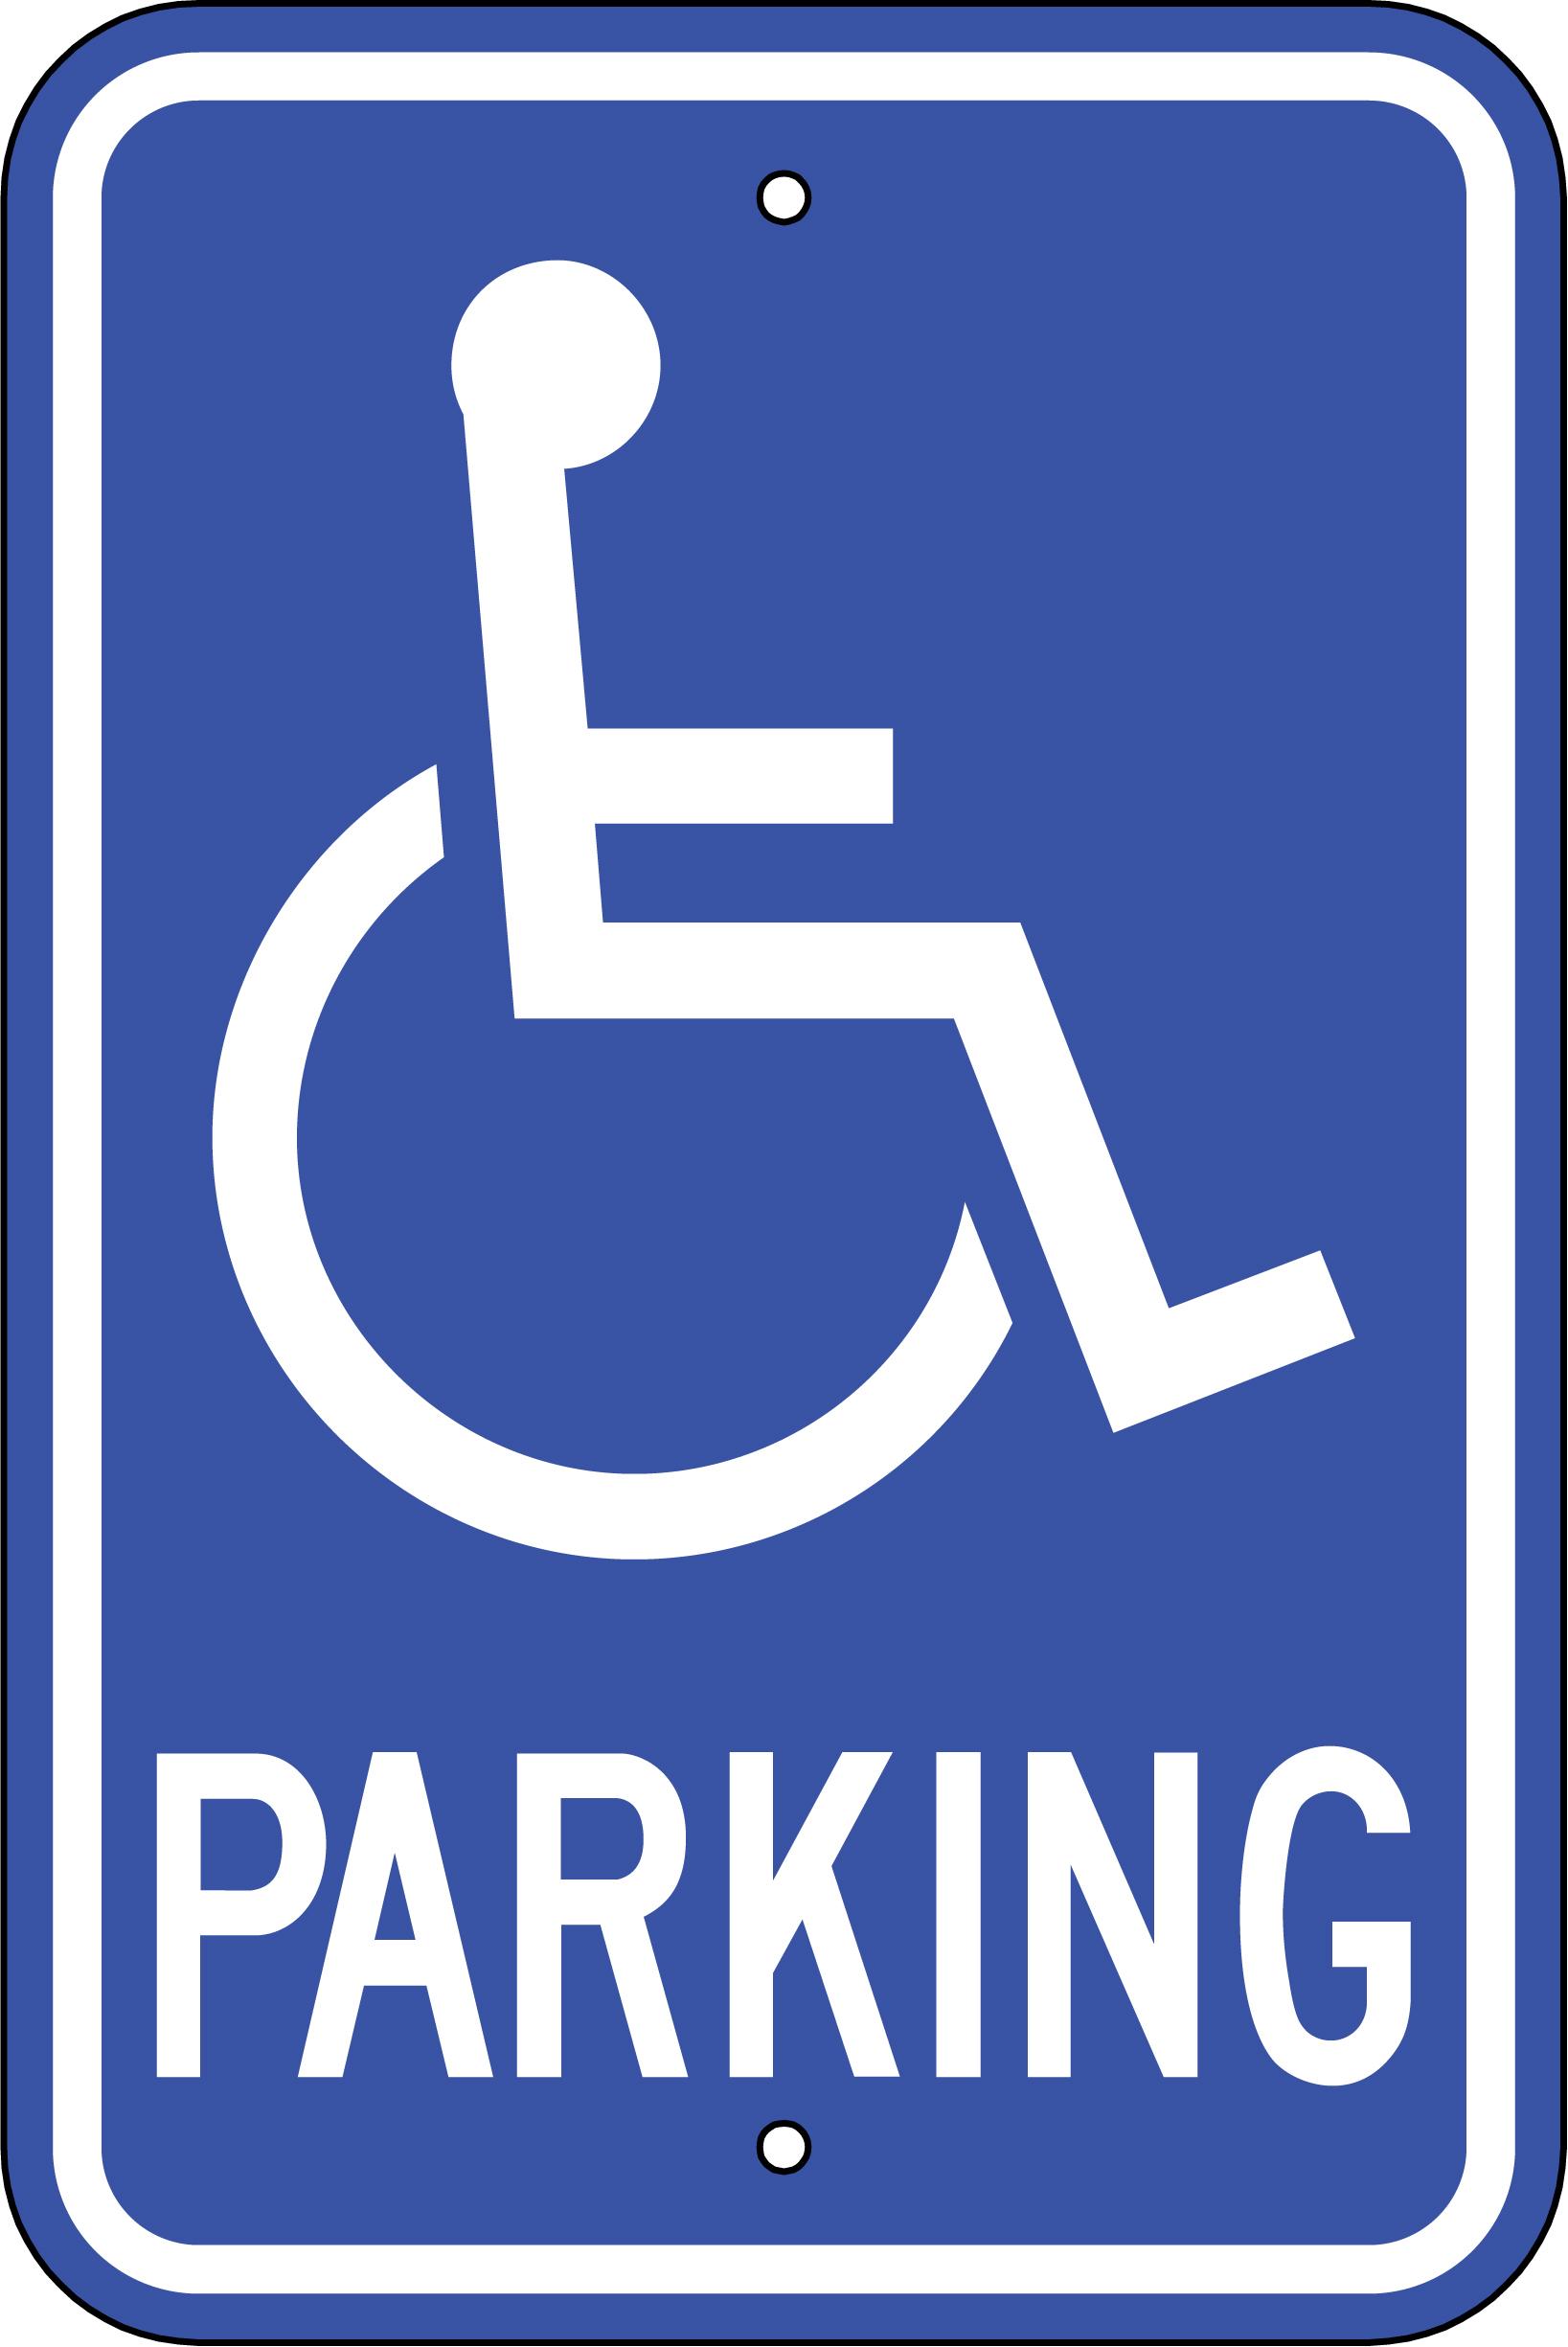 Handicap parking clipart.